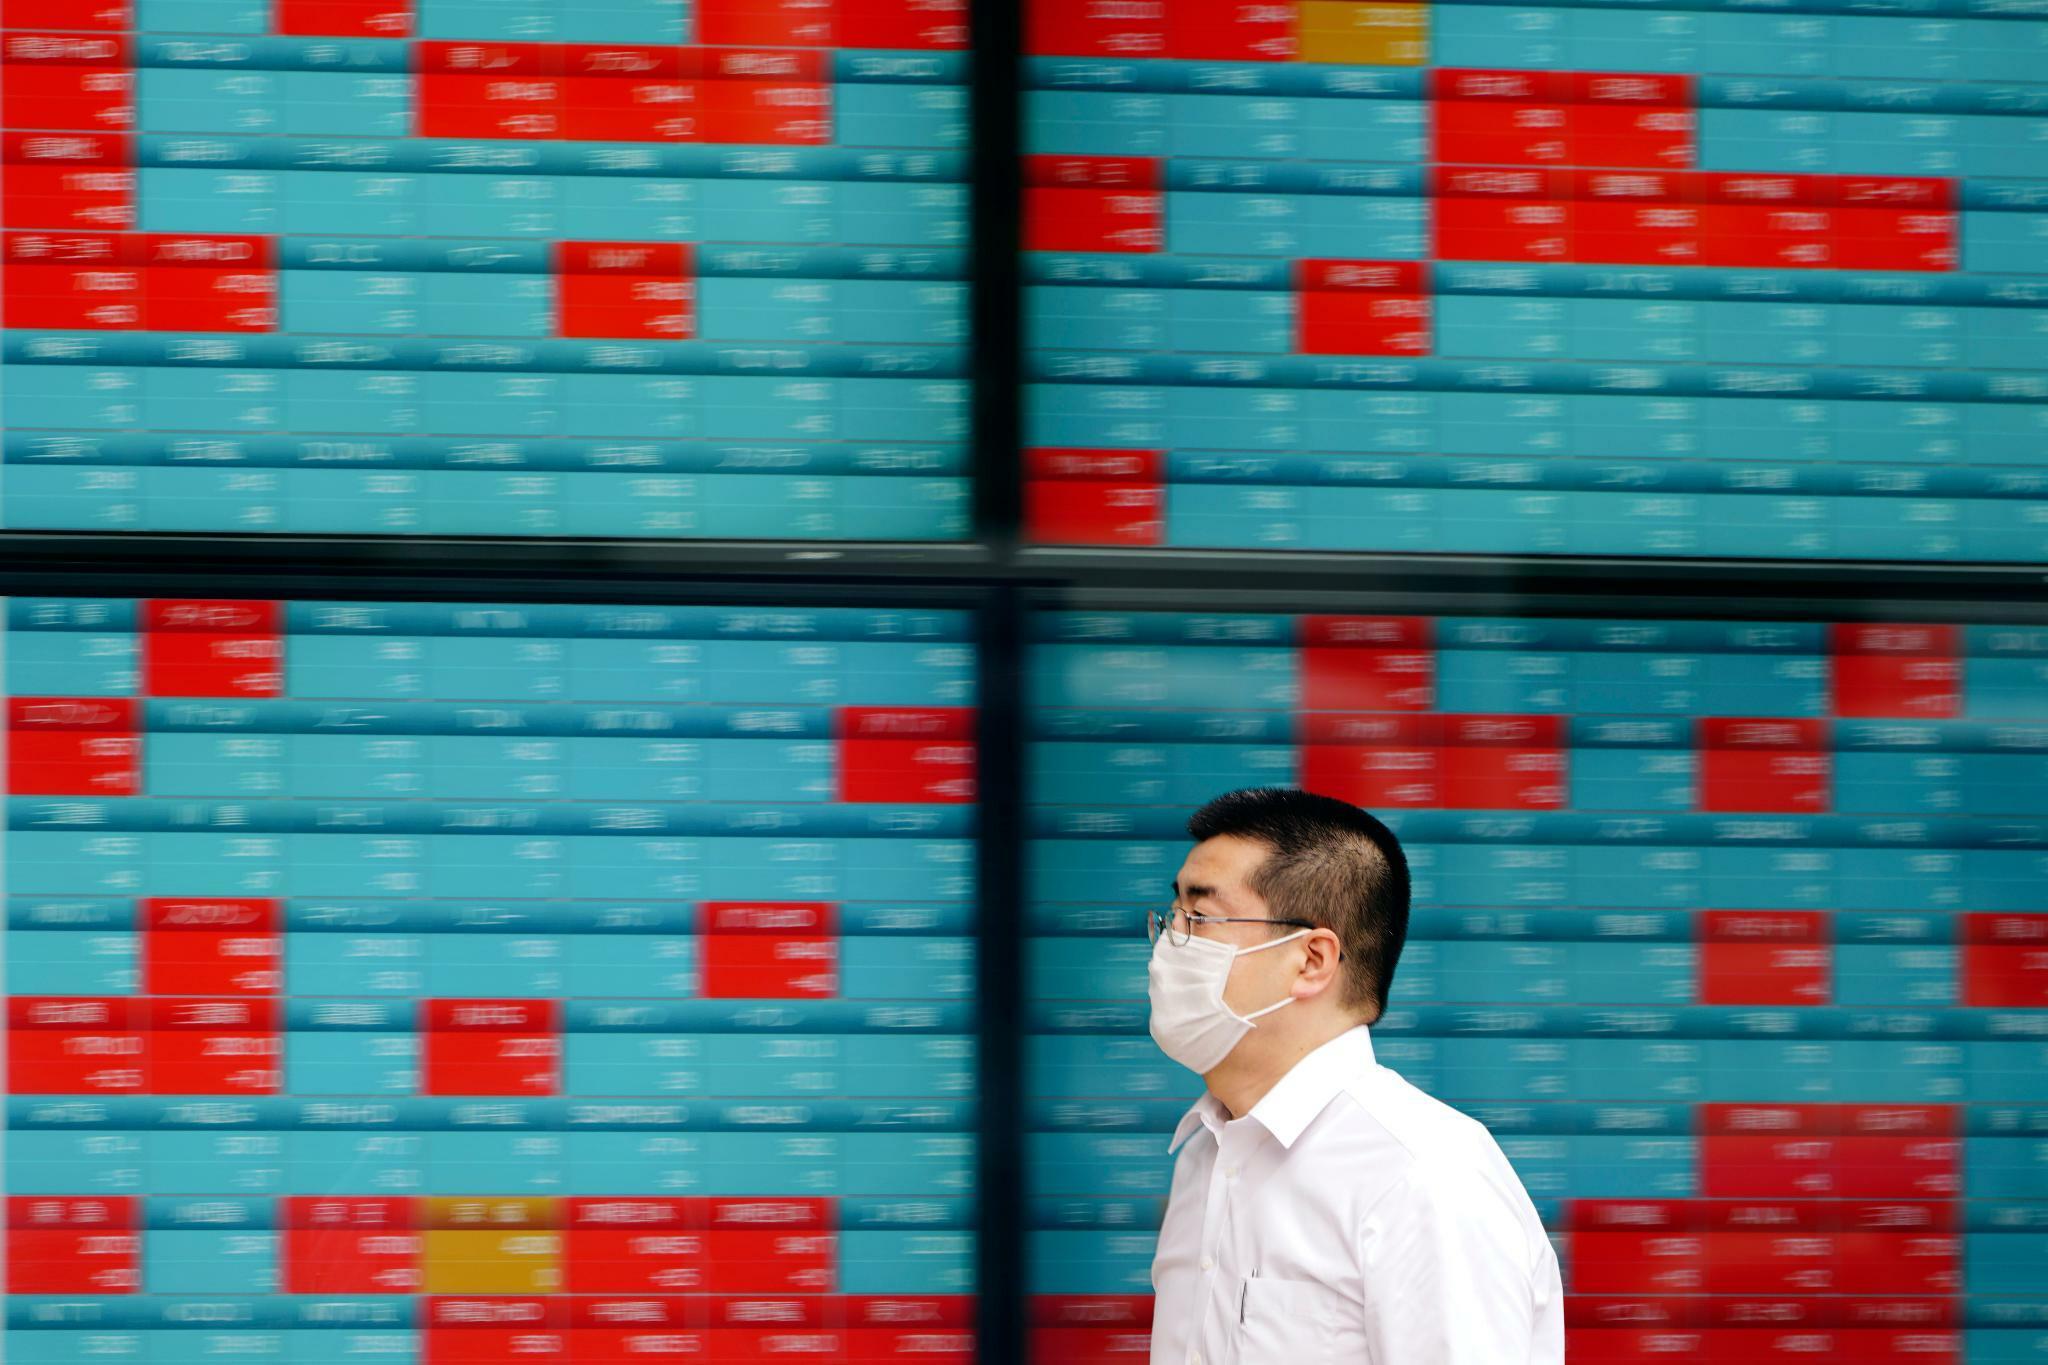 Anleger in Asien setzen auf Konjunkturhilfe der Notenbanken